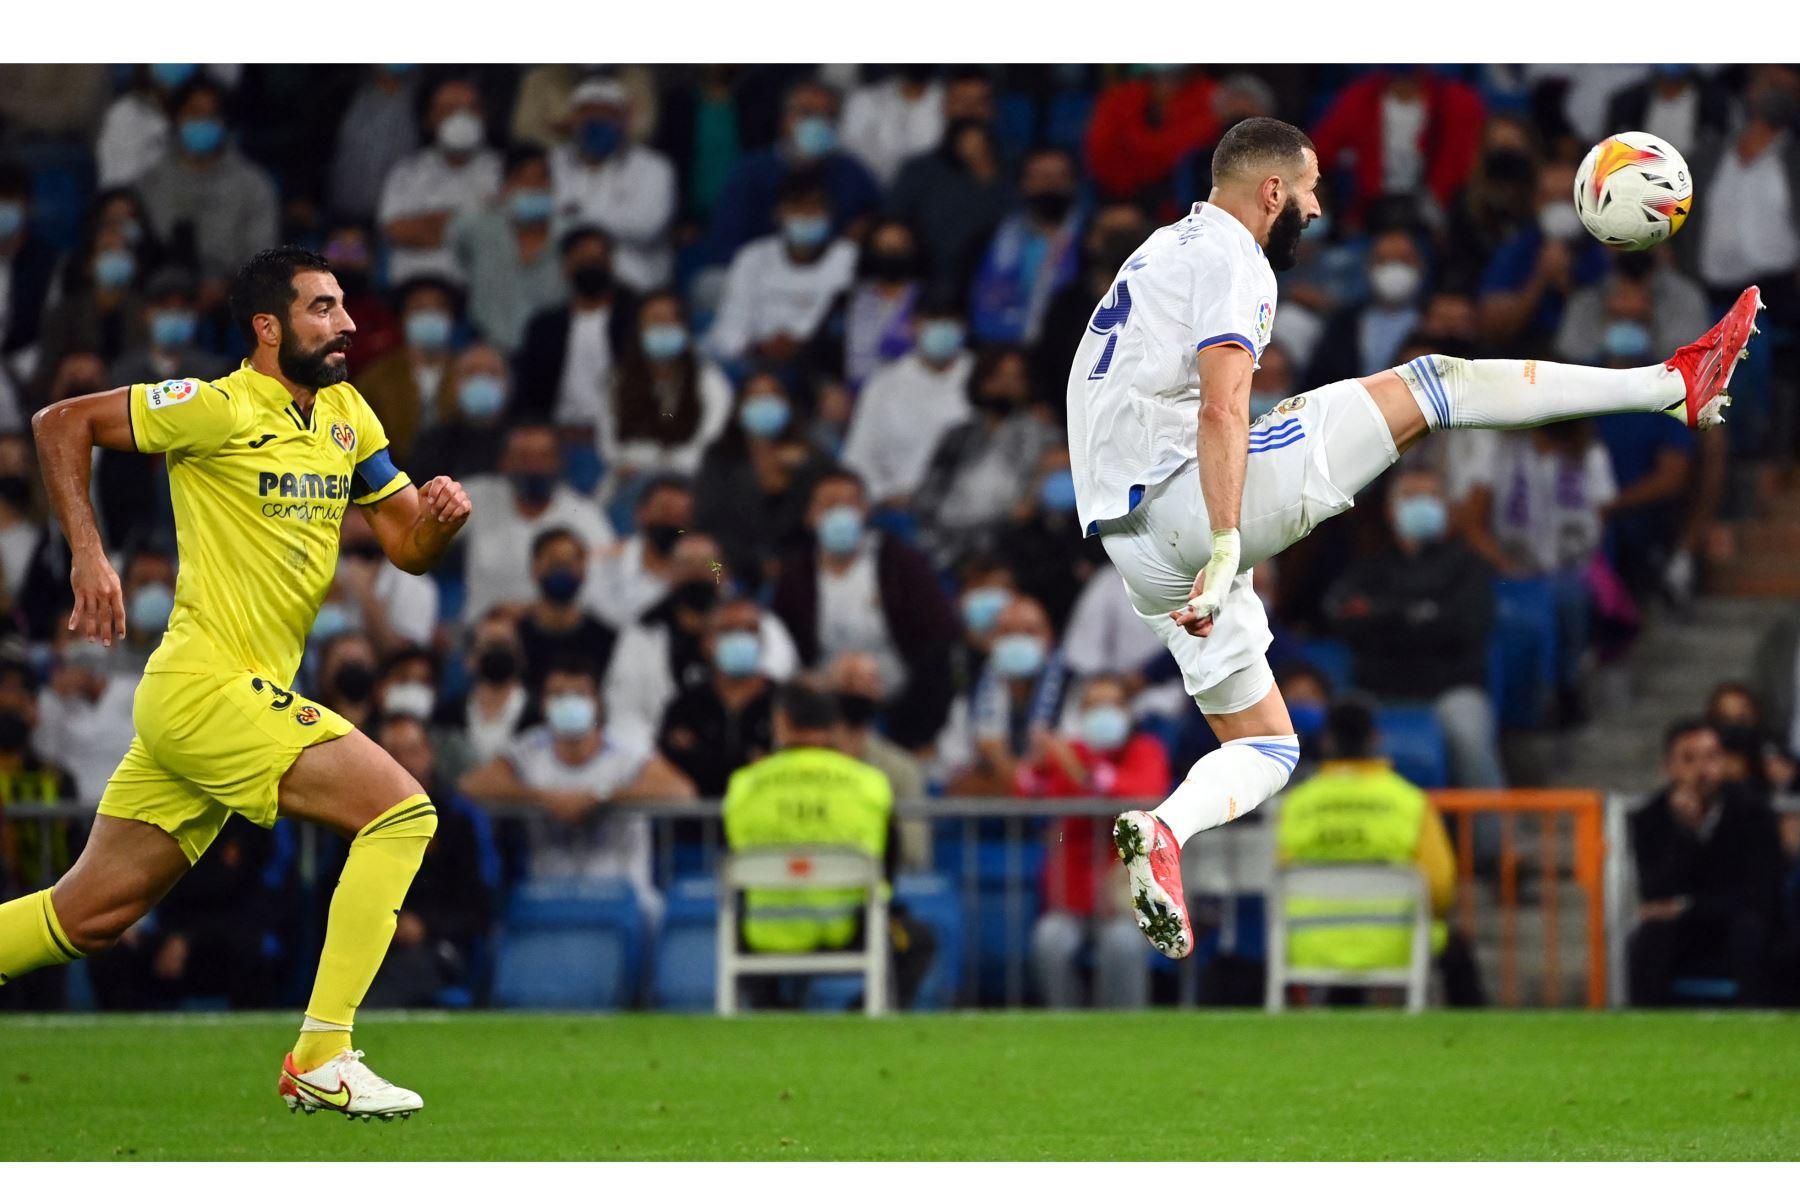 El delantero francés del Real Madrid Karim Benzema patea el balón cuando el defensor español del Villarreal Raúl Albiol se acerca durante el partido de fútbol de la Liga española entre el Real Madrid y el Villarreal. Foto: AFP